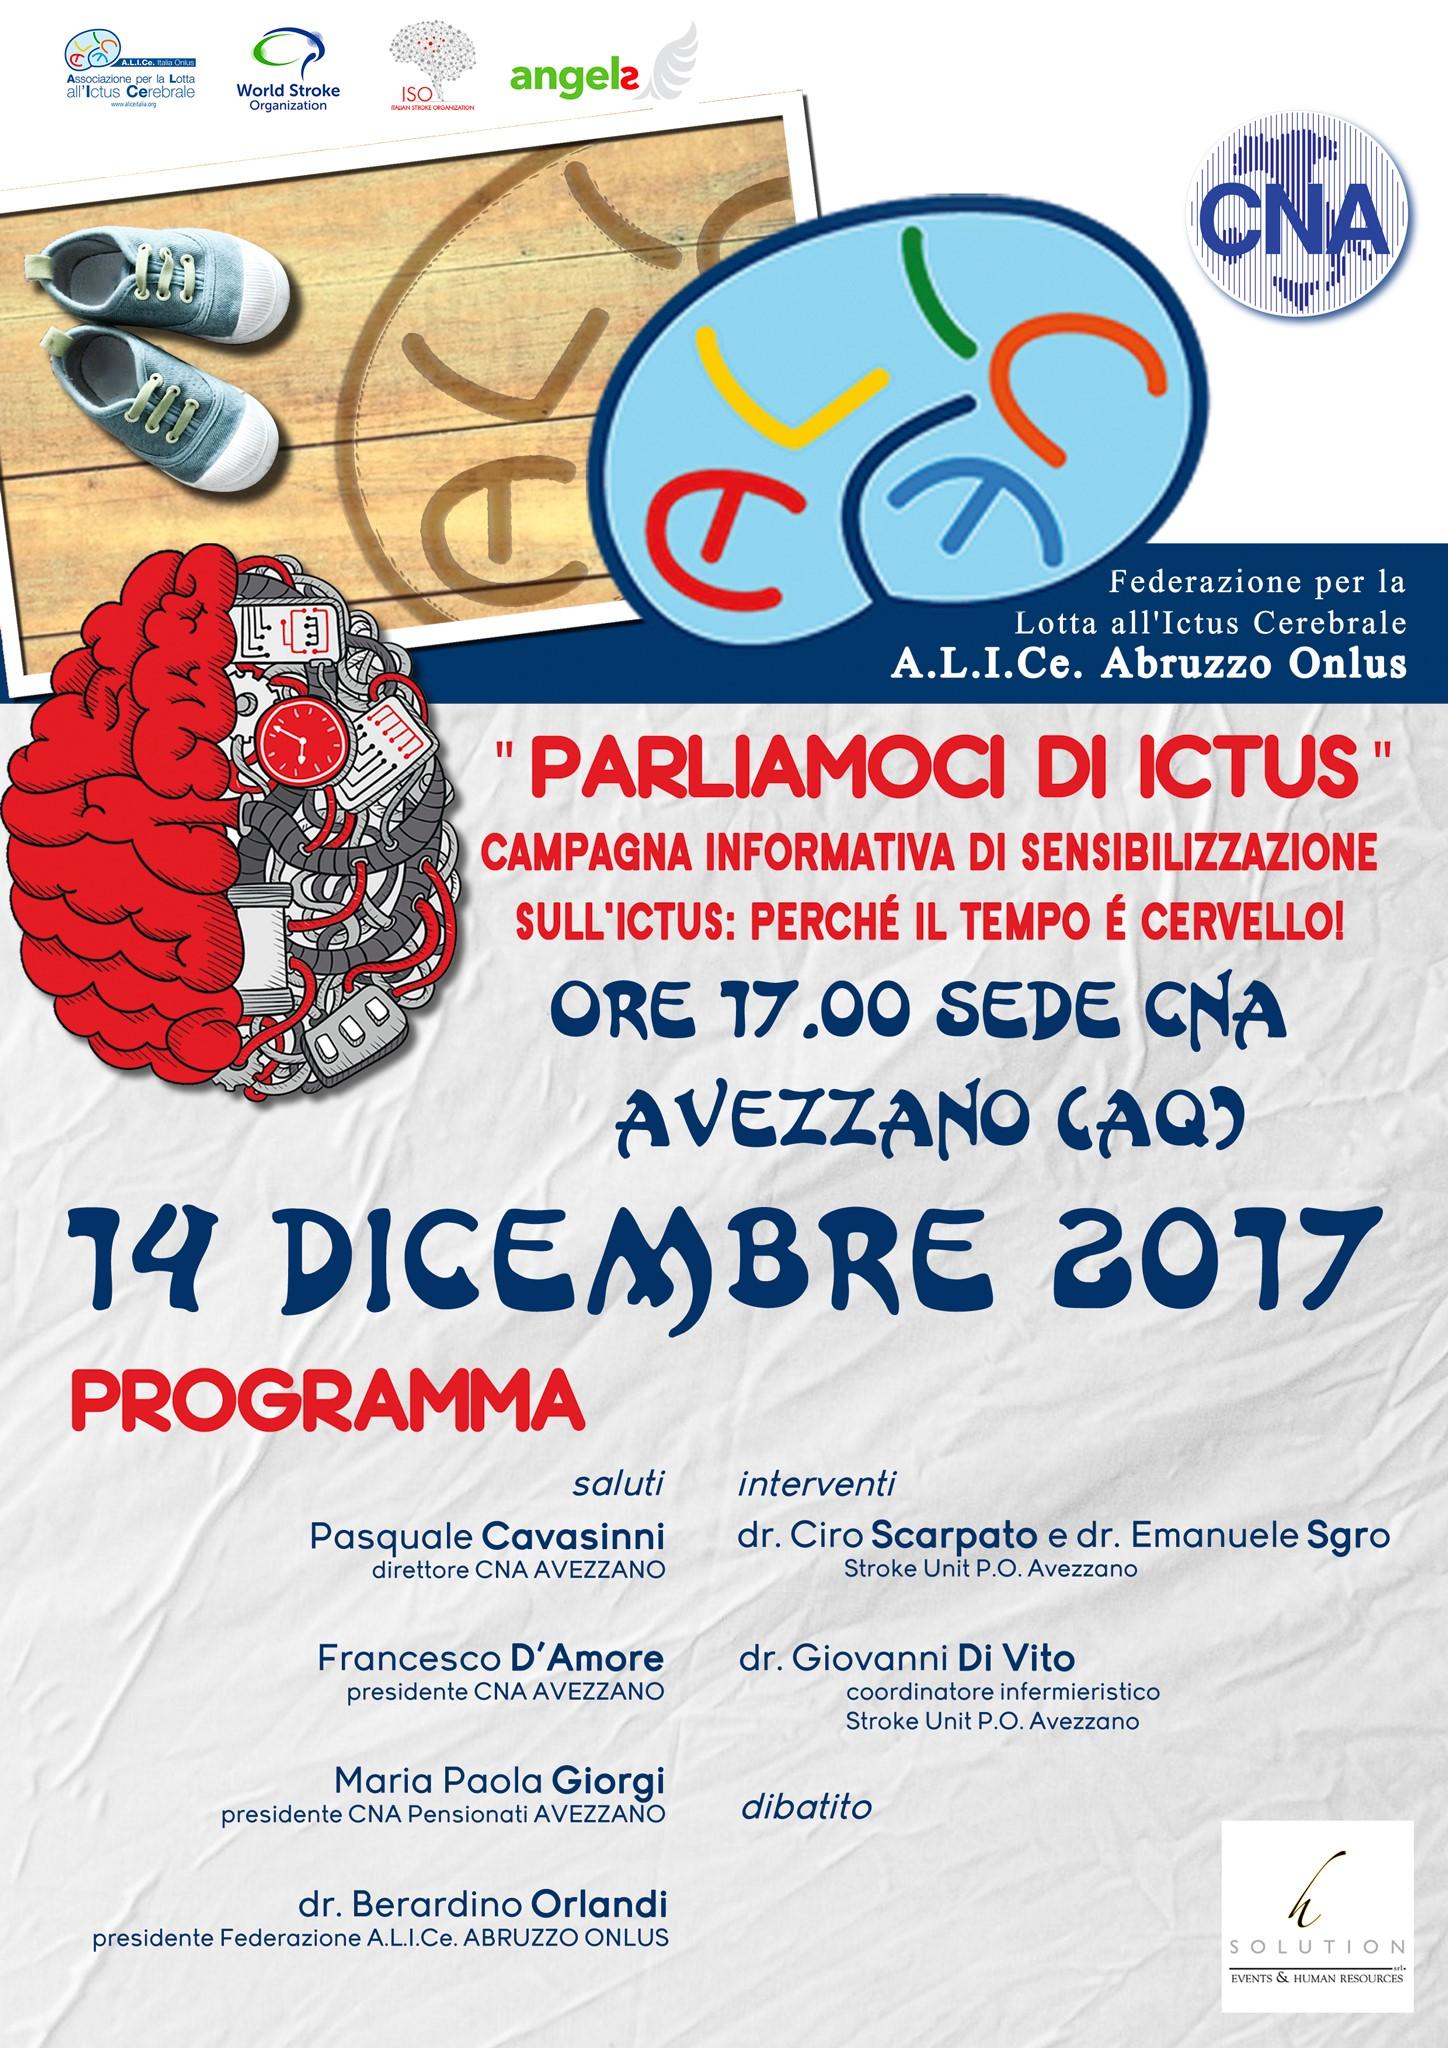 ALICe Federazione Abruzzo: evento ad Avezzano il 17 dicembre